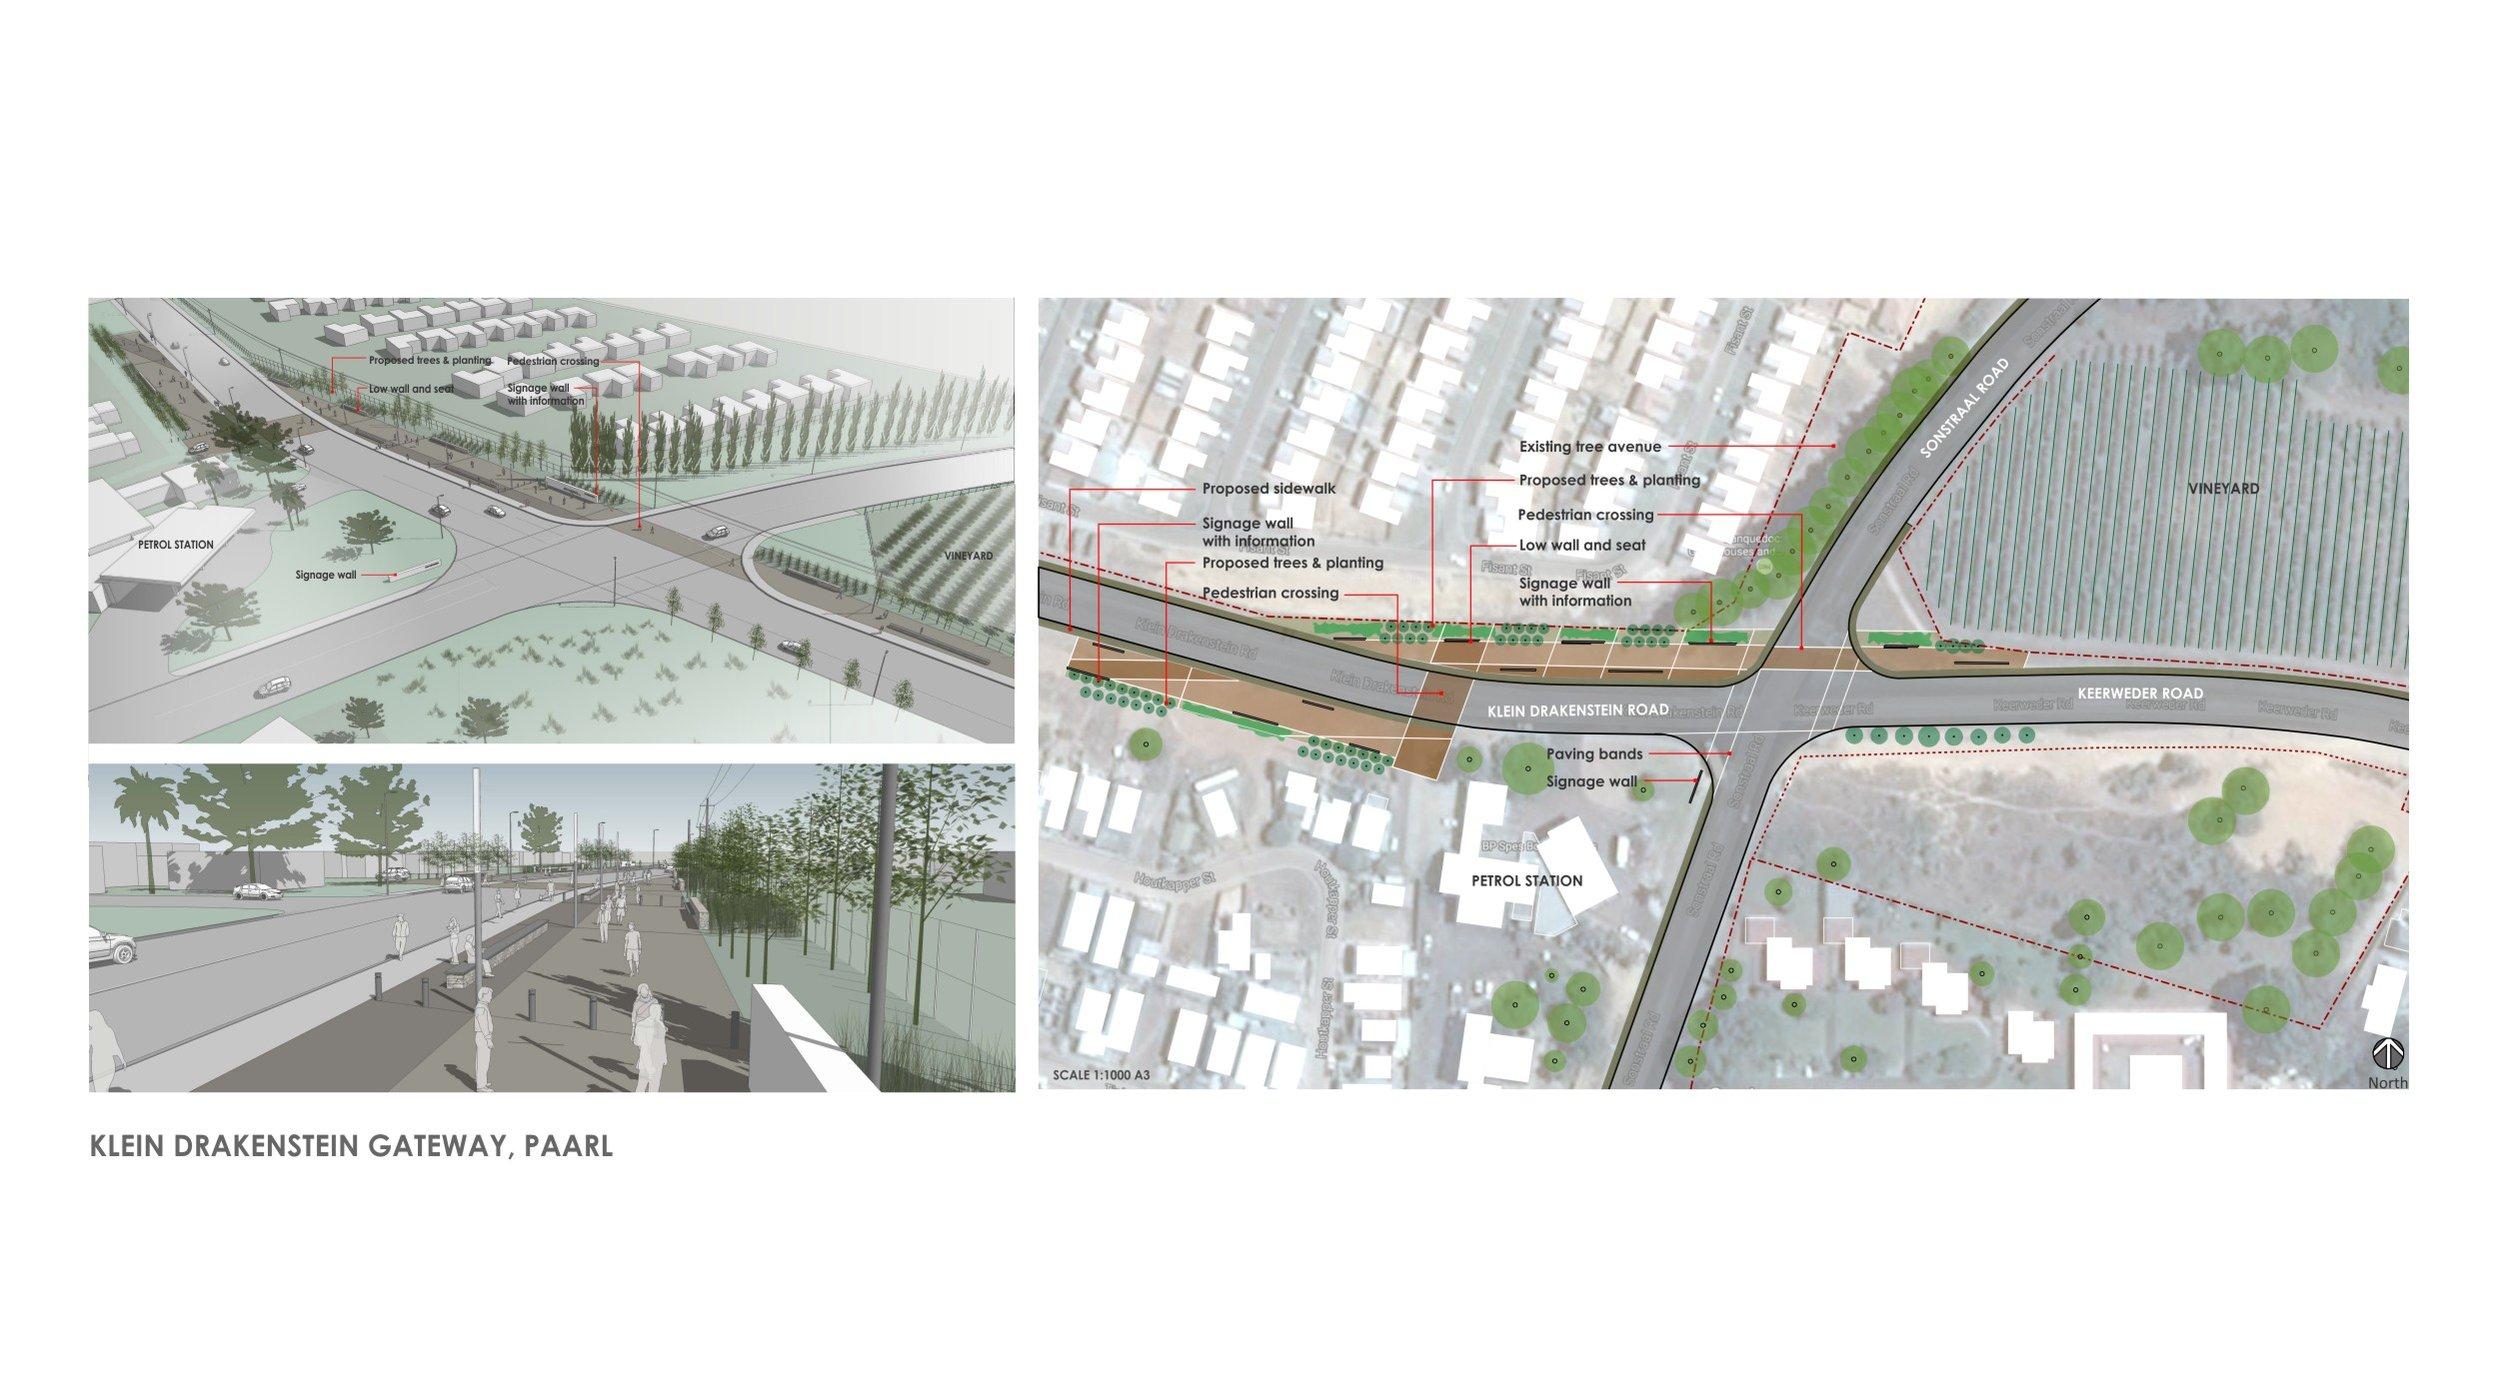 urban concepts DRAKENSTEIN GATEWAYS (4).jpg